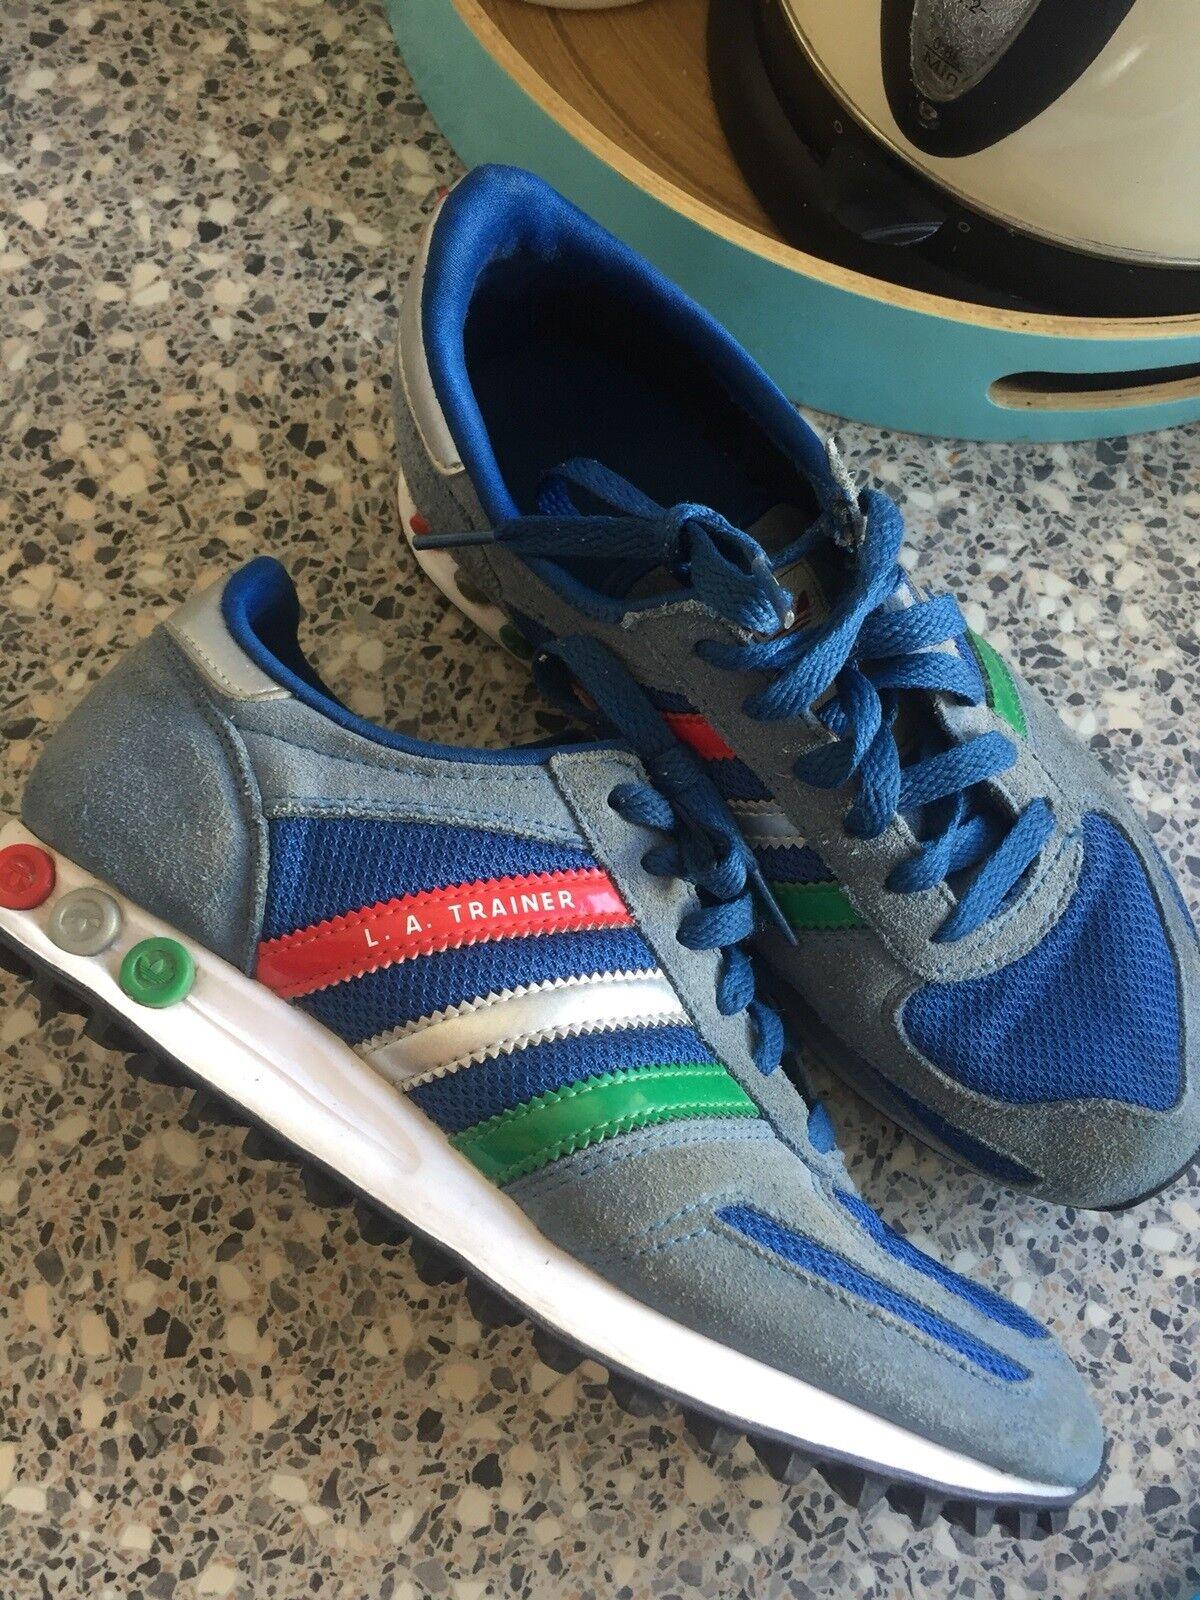 Sneakers, str. 37,5, Adidas – dba.dk – Køb og Salg af Nyt og